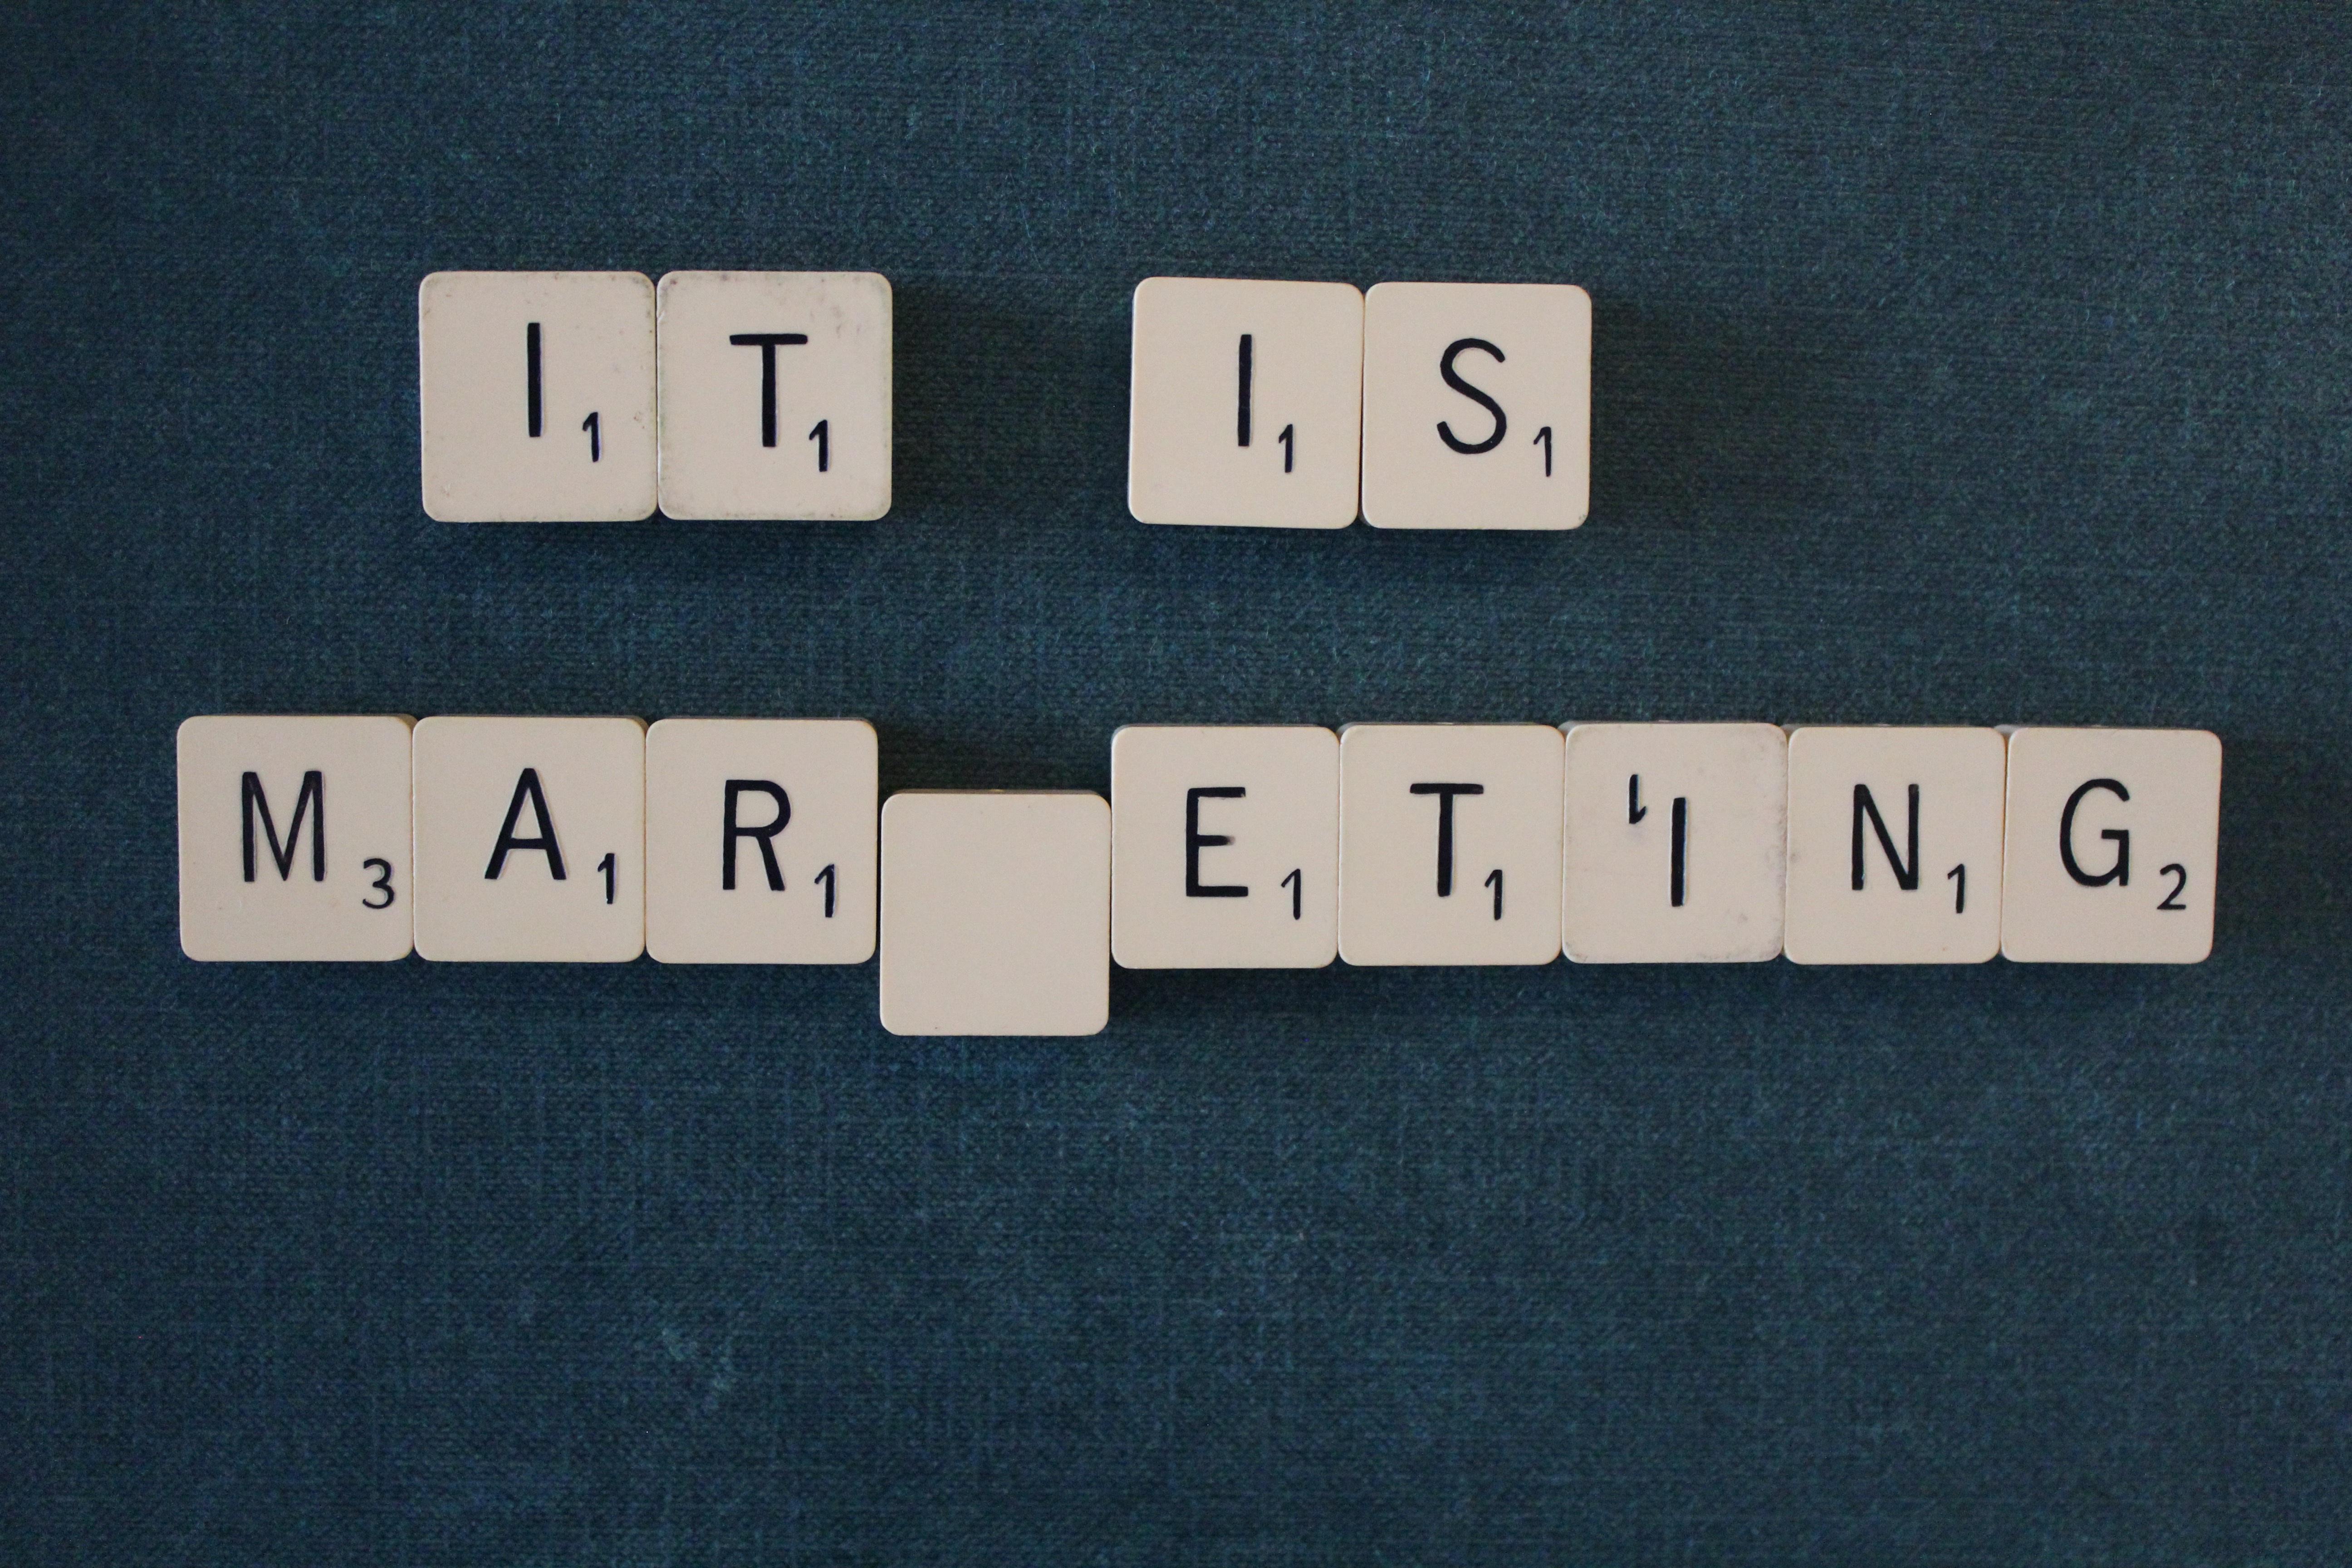 サロン経営者がマーケティングをやるべき理由と絶大なメリット